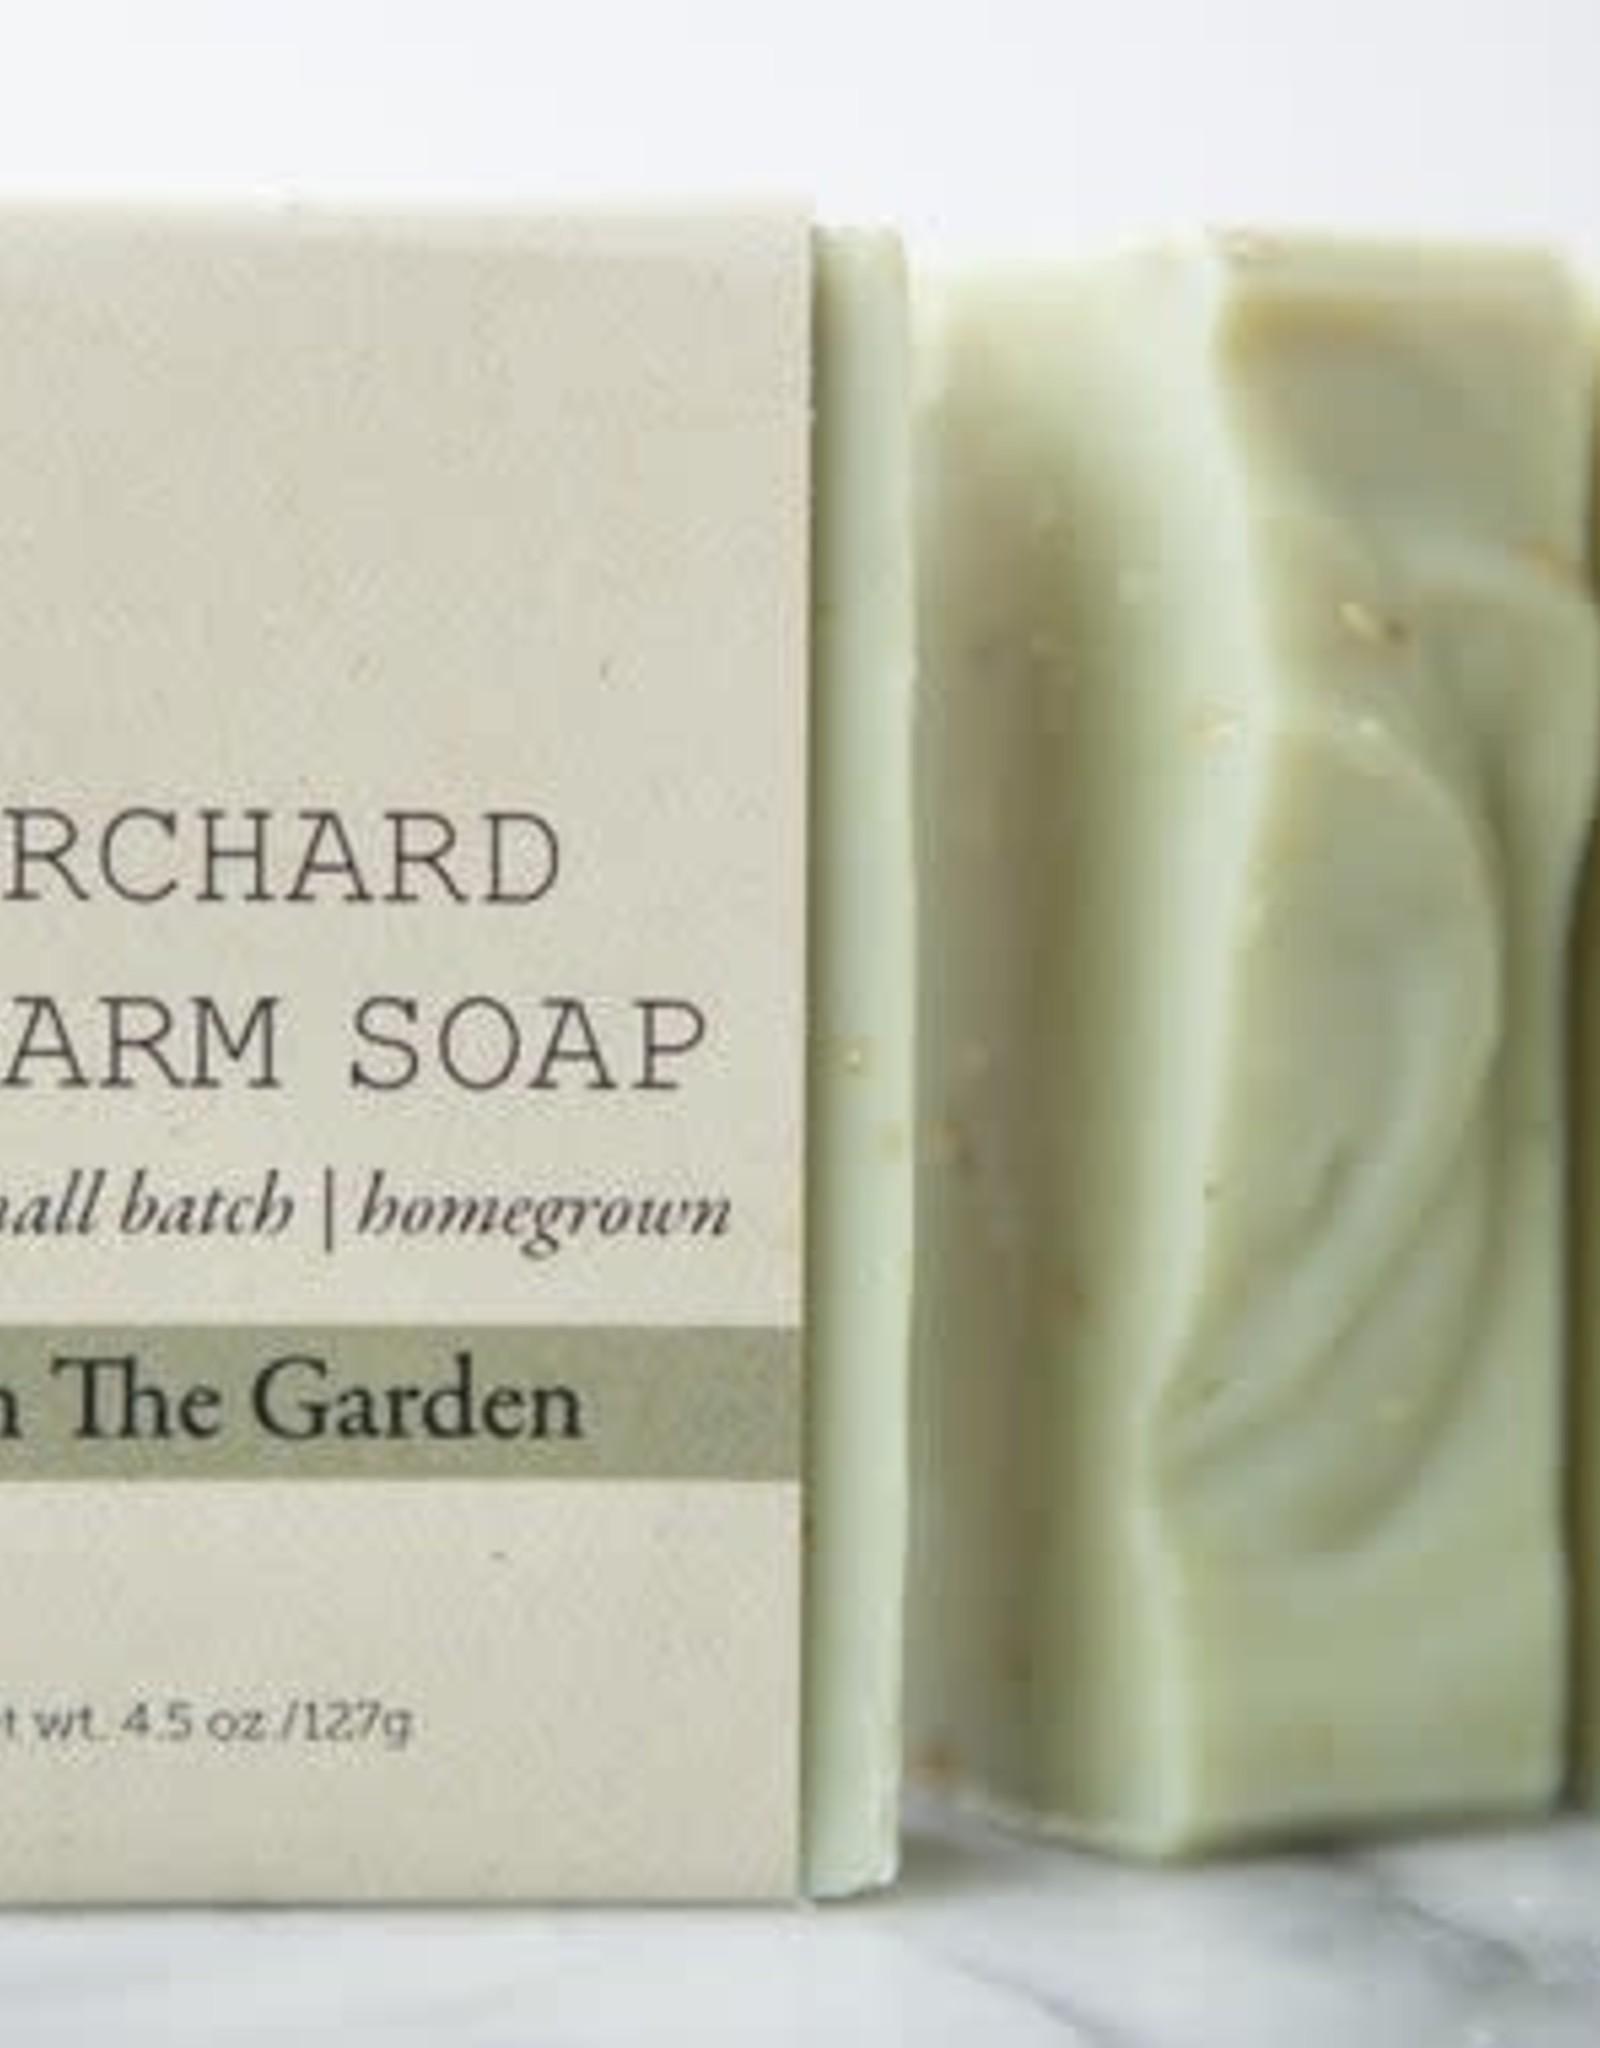 SOAP-IN THE GARDEN BAR